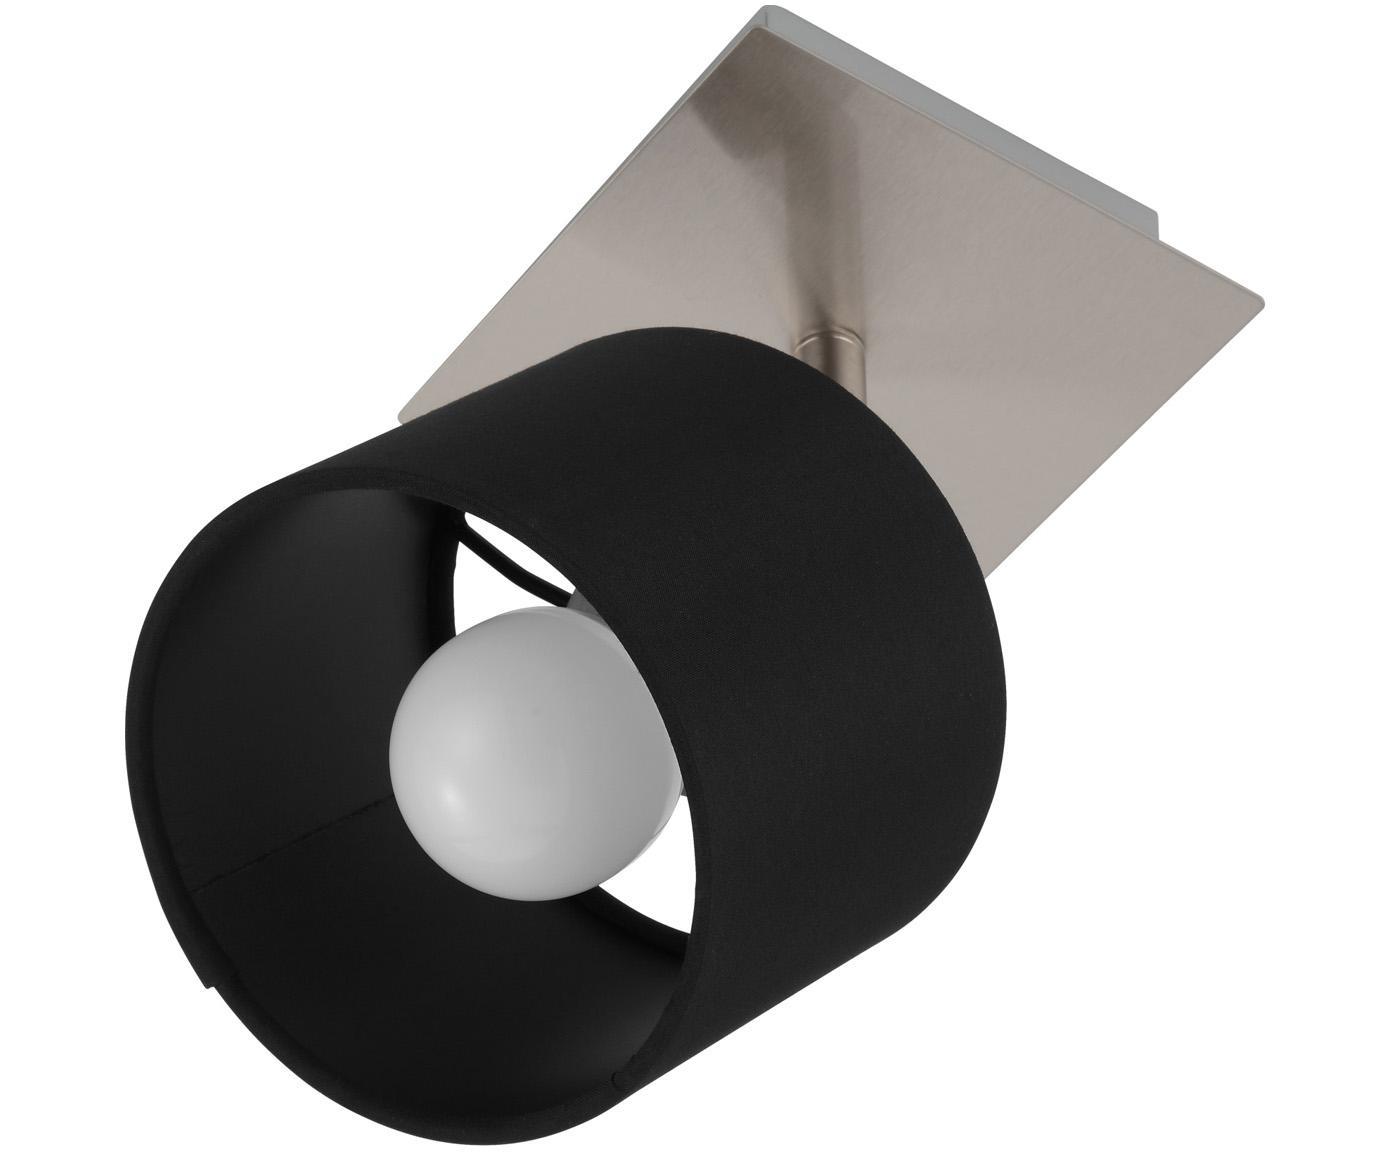 Deckenstrahler Casper, Baldachin: Metall, vernickelt, Lampenschirm: Textil, Silberfarben,Schwarz, 11 x 11 cm